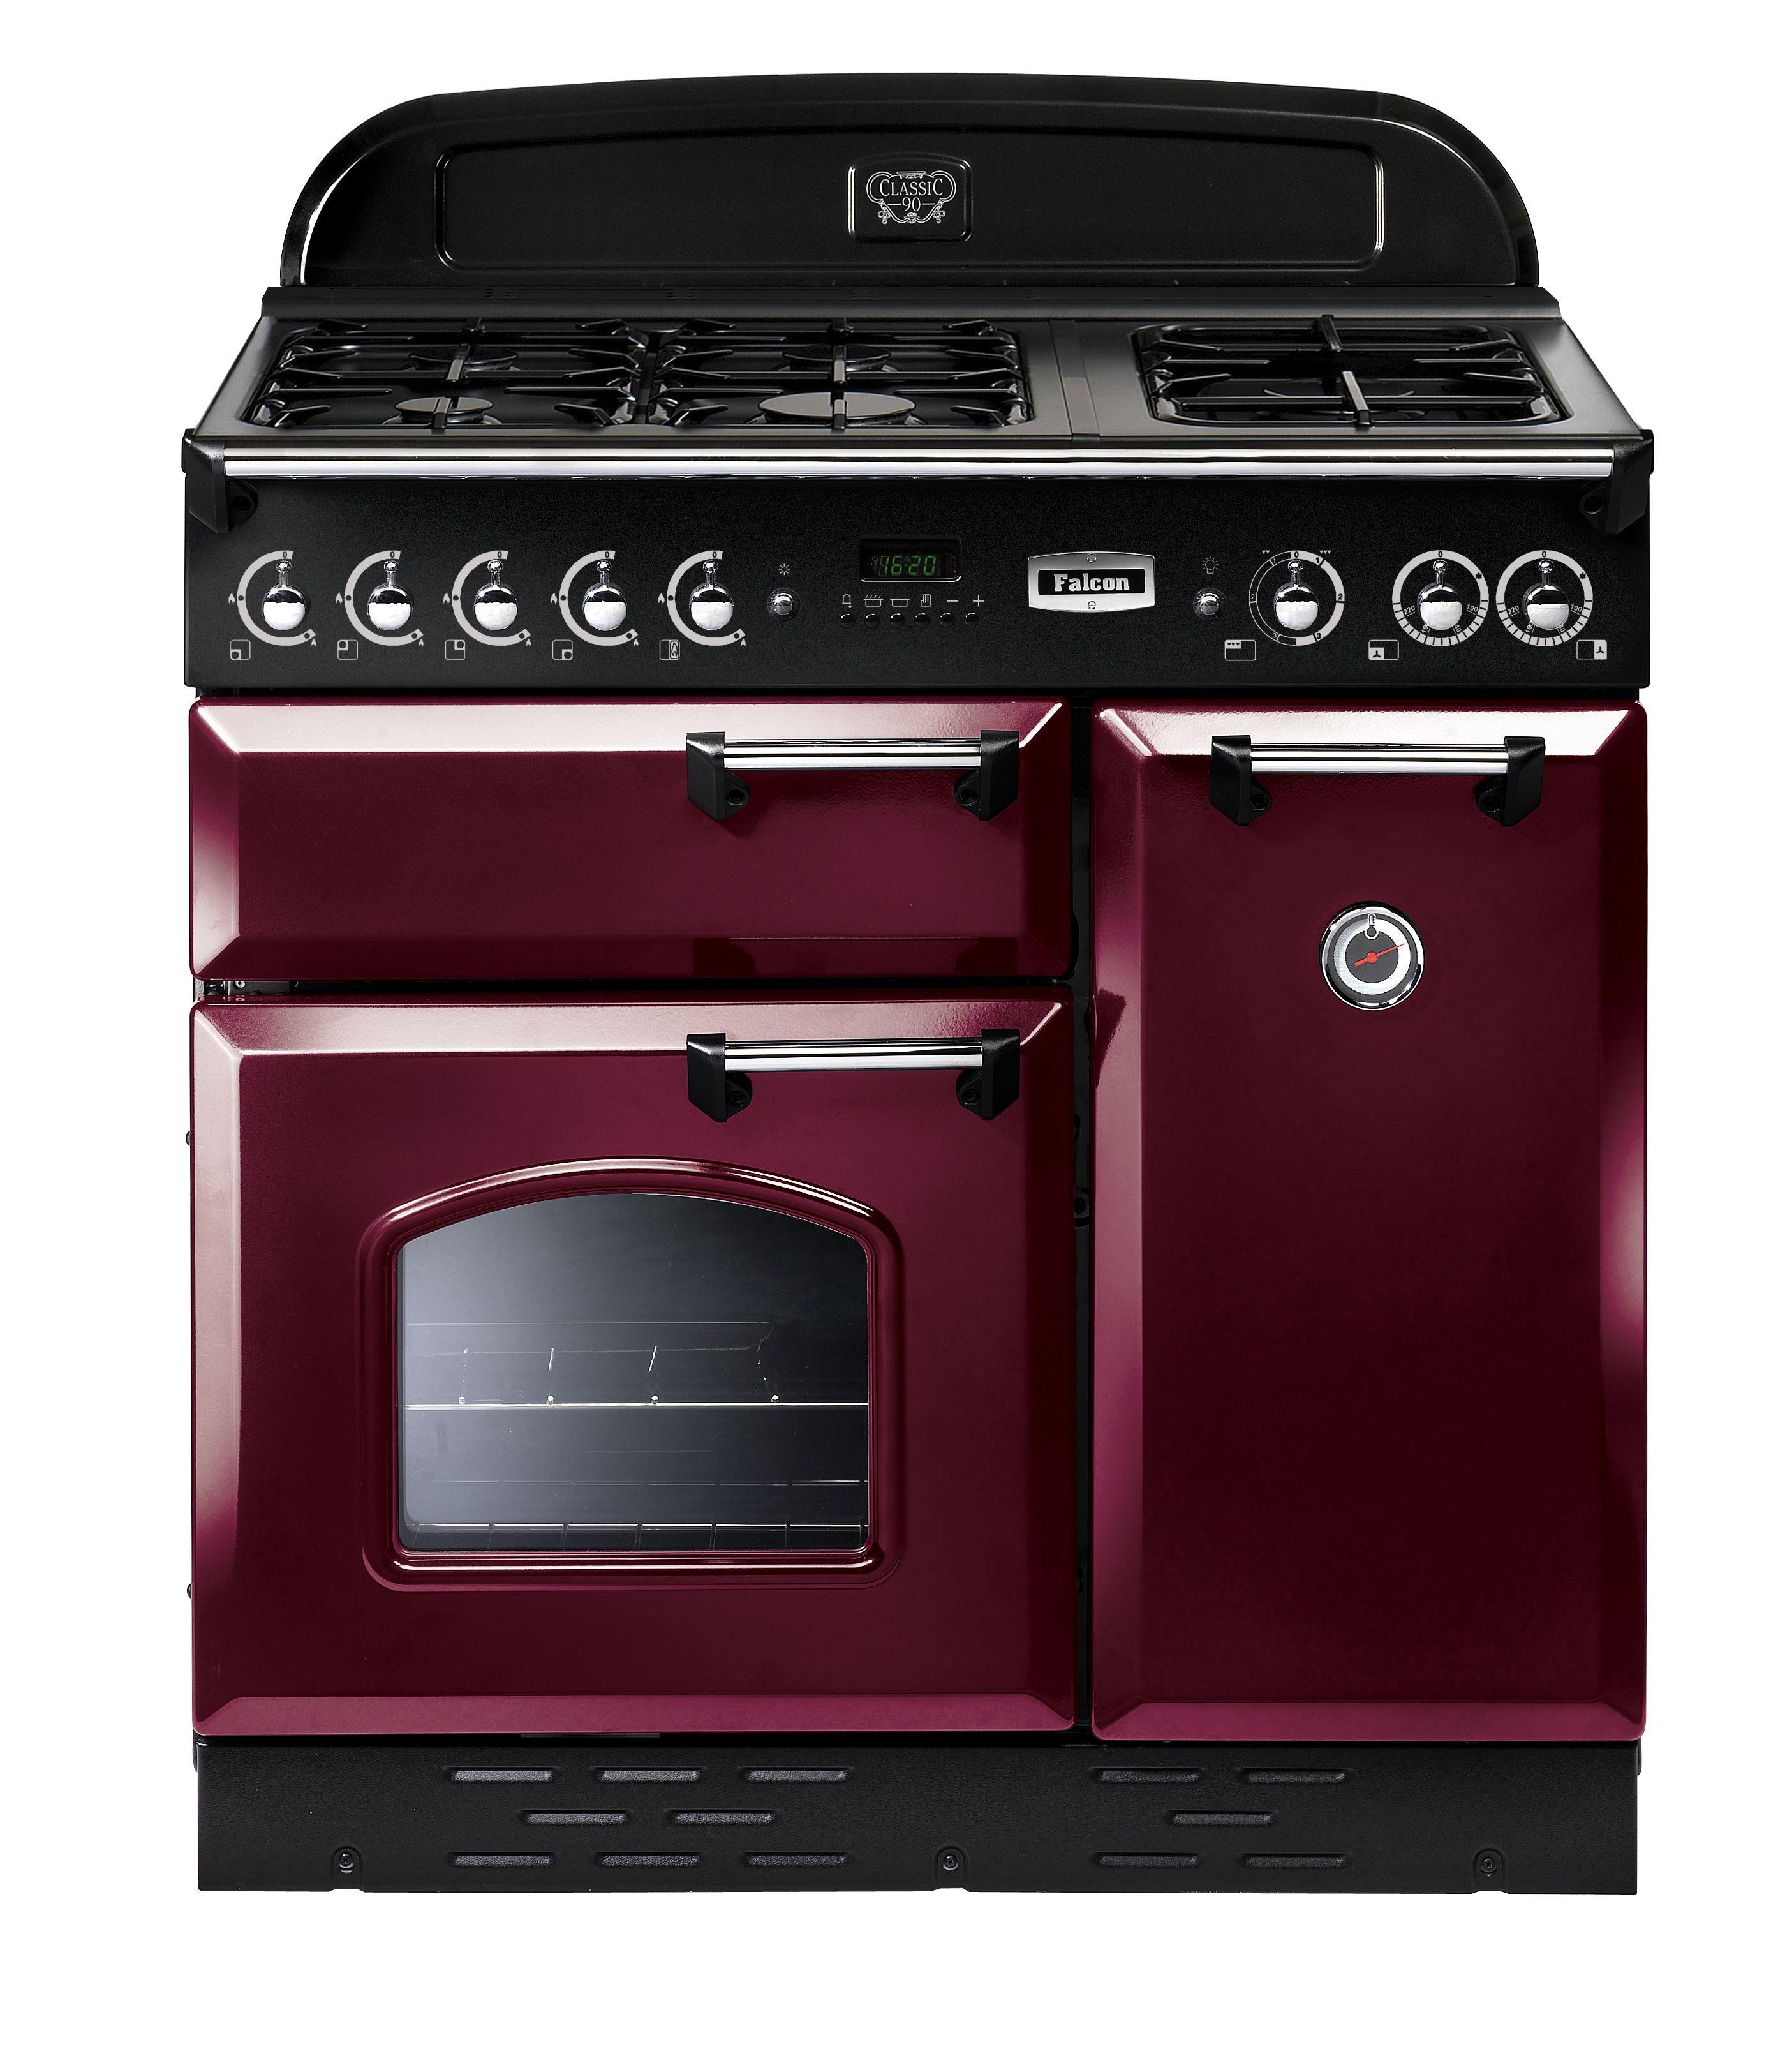 CLASSIC 90CM UPRIGHT COOKER Cranberry #falcon #falconaustralia #kitchen #oven #design #kitcheninspo #dualfuel #berry